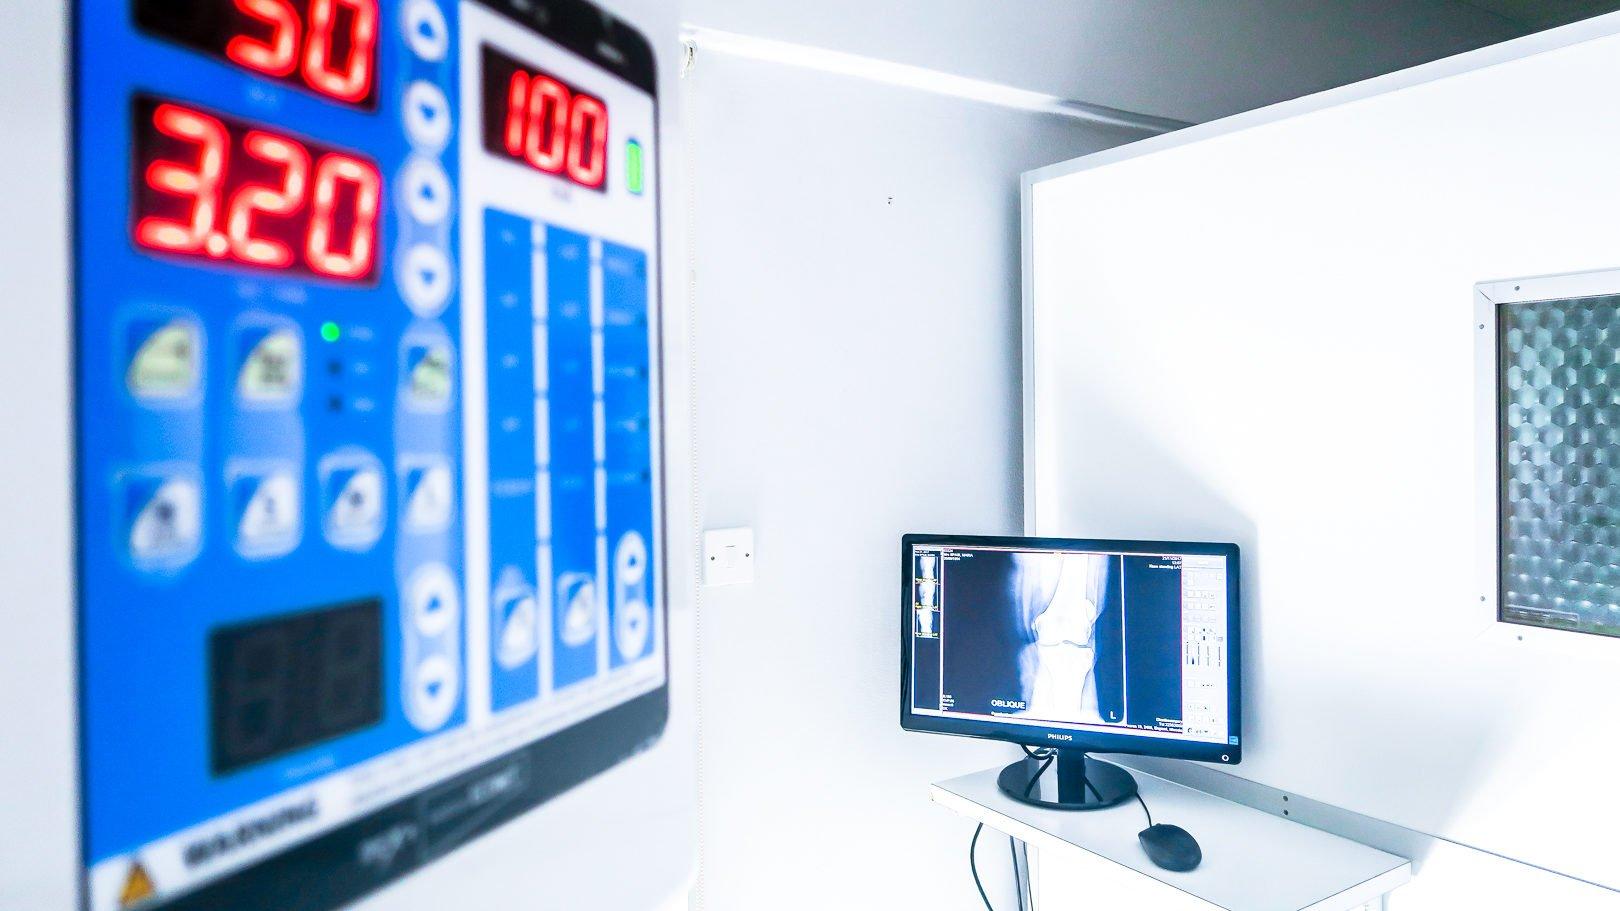 Υπερσύγχρονο σύστημα ψηφιακής ακτινογραφίας (DR) στο ιατρείο